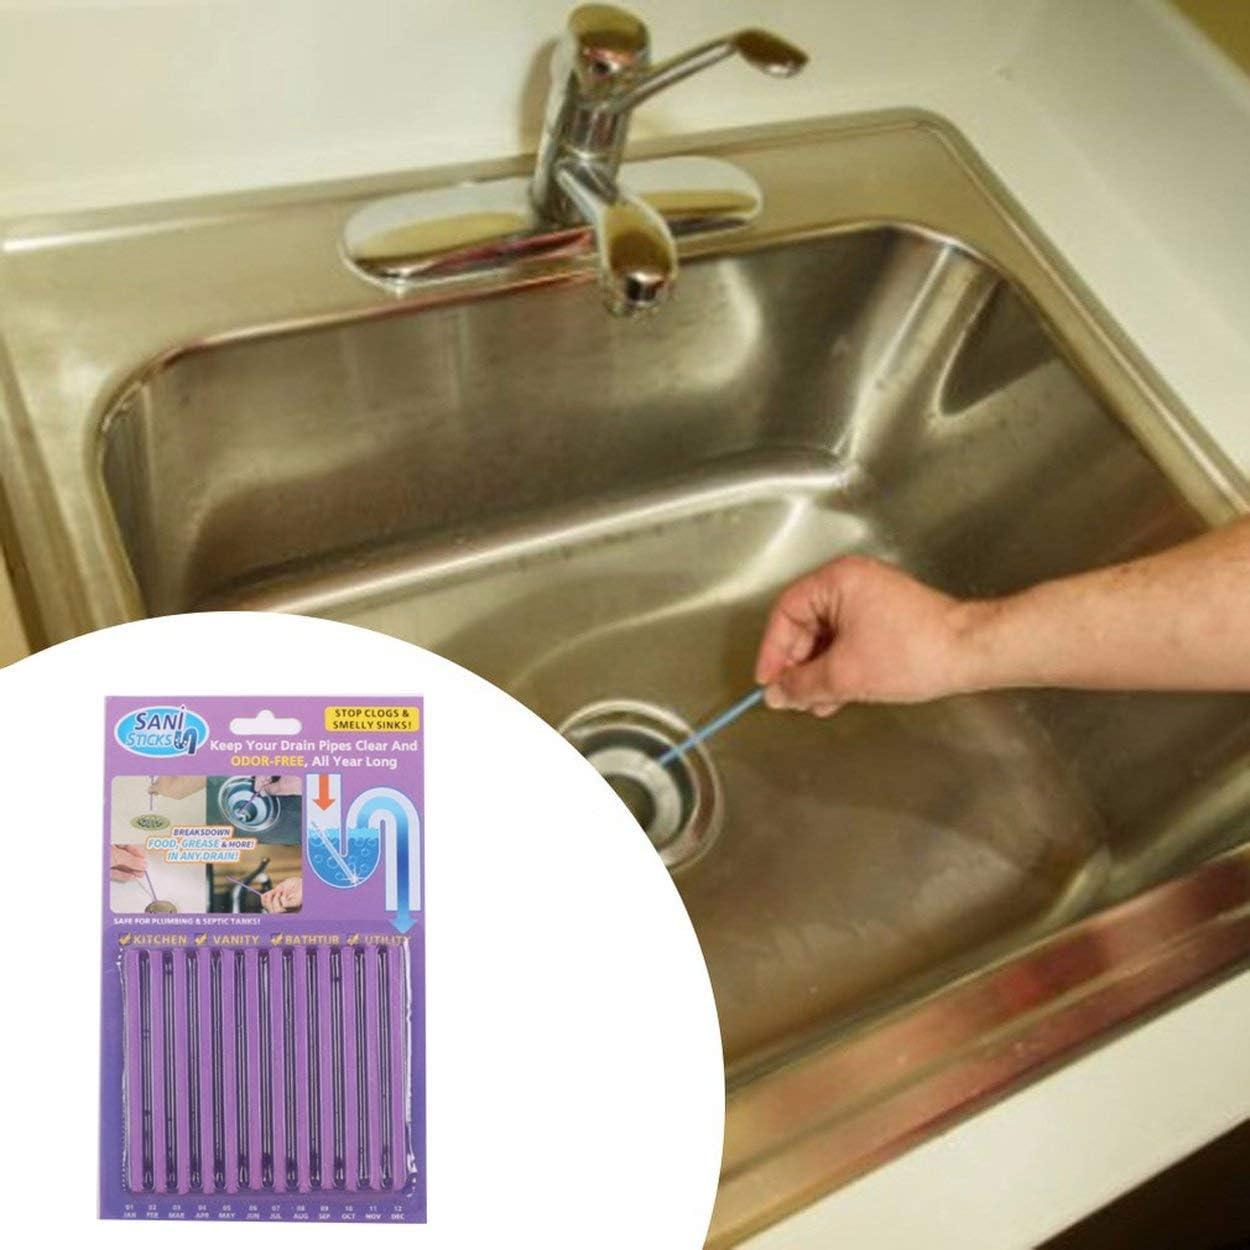 Lorenlli 12 St/ück Abflussreiniger Familie Rohre Reinigungsst/äbe Abwasser Cecontamination Stick Deodorant Sanit/ärst/öcke Kanalreinigungsst/äbe